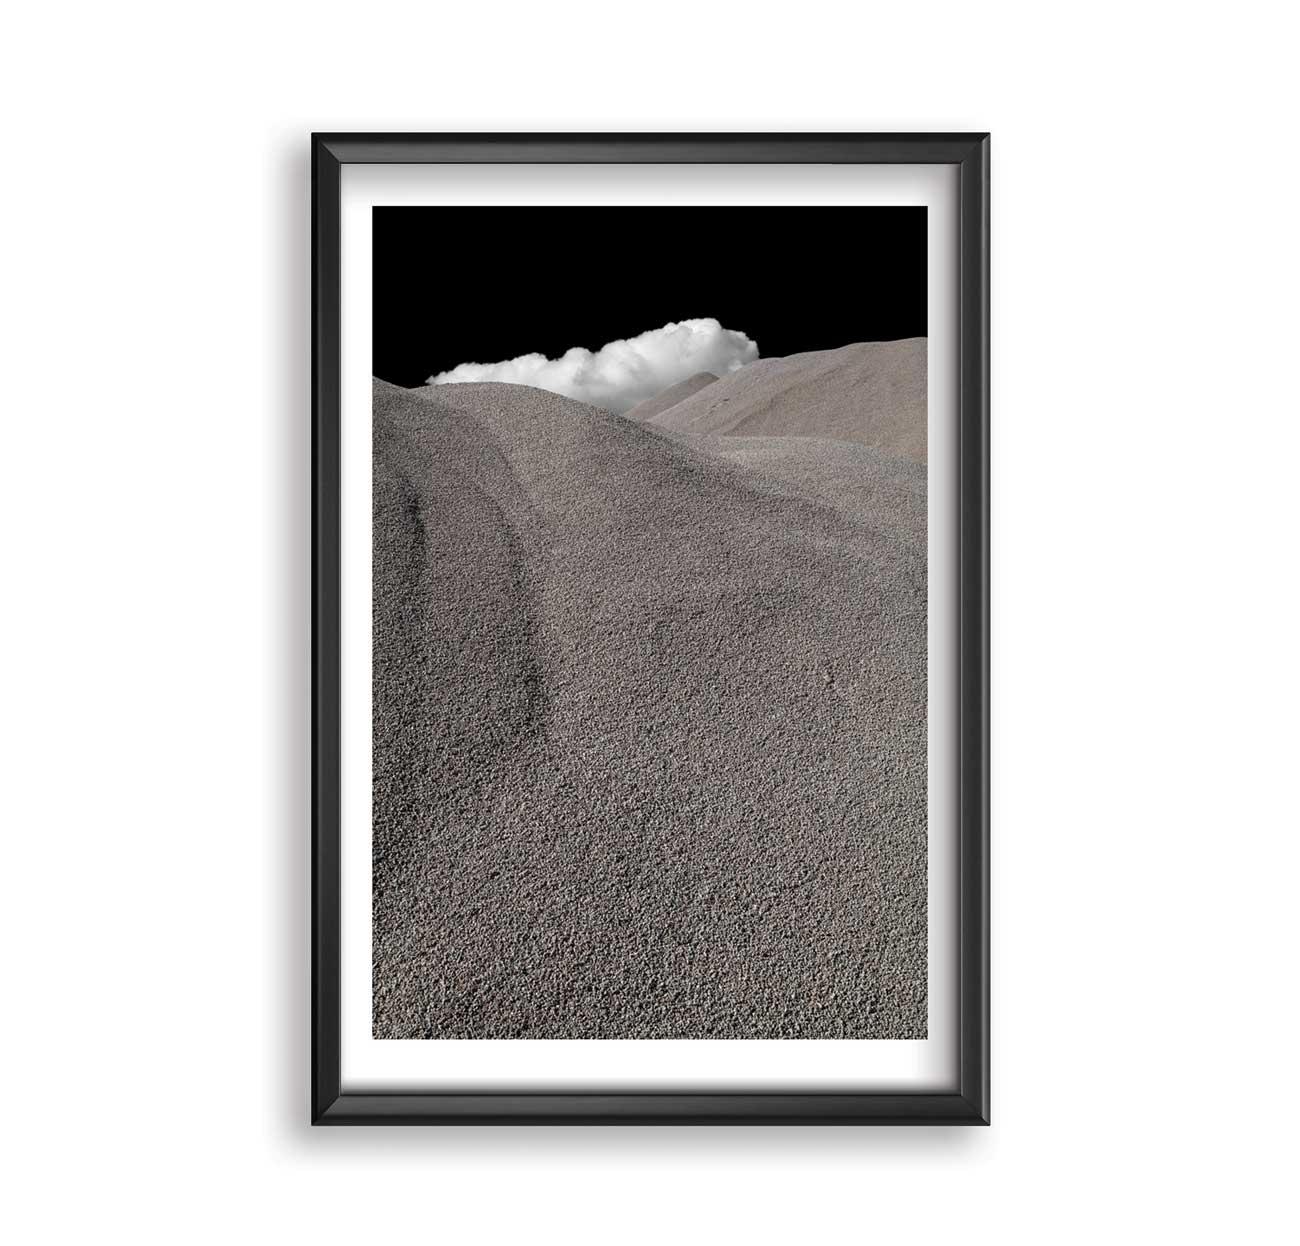 tirage limit un autre paysage 11 aur lie foussard photographie d 39 art contemporain. Black Bedroom Furniture Sets. Home Design Ideas